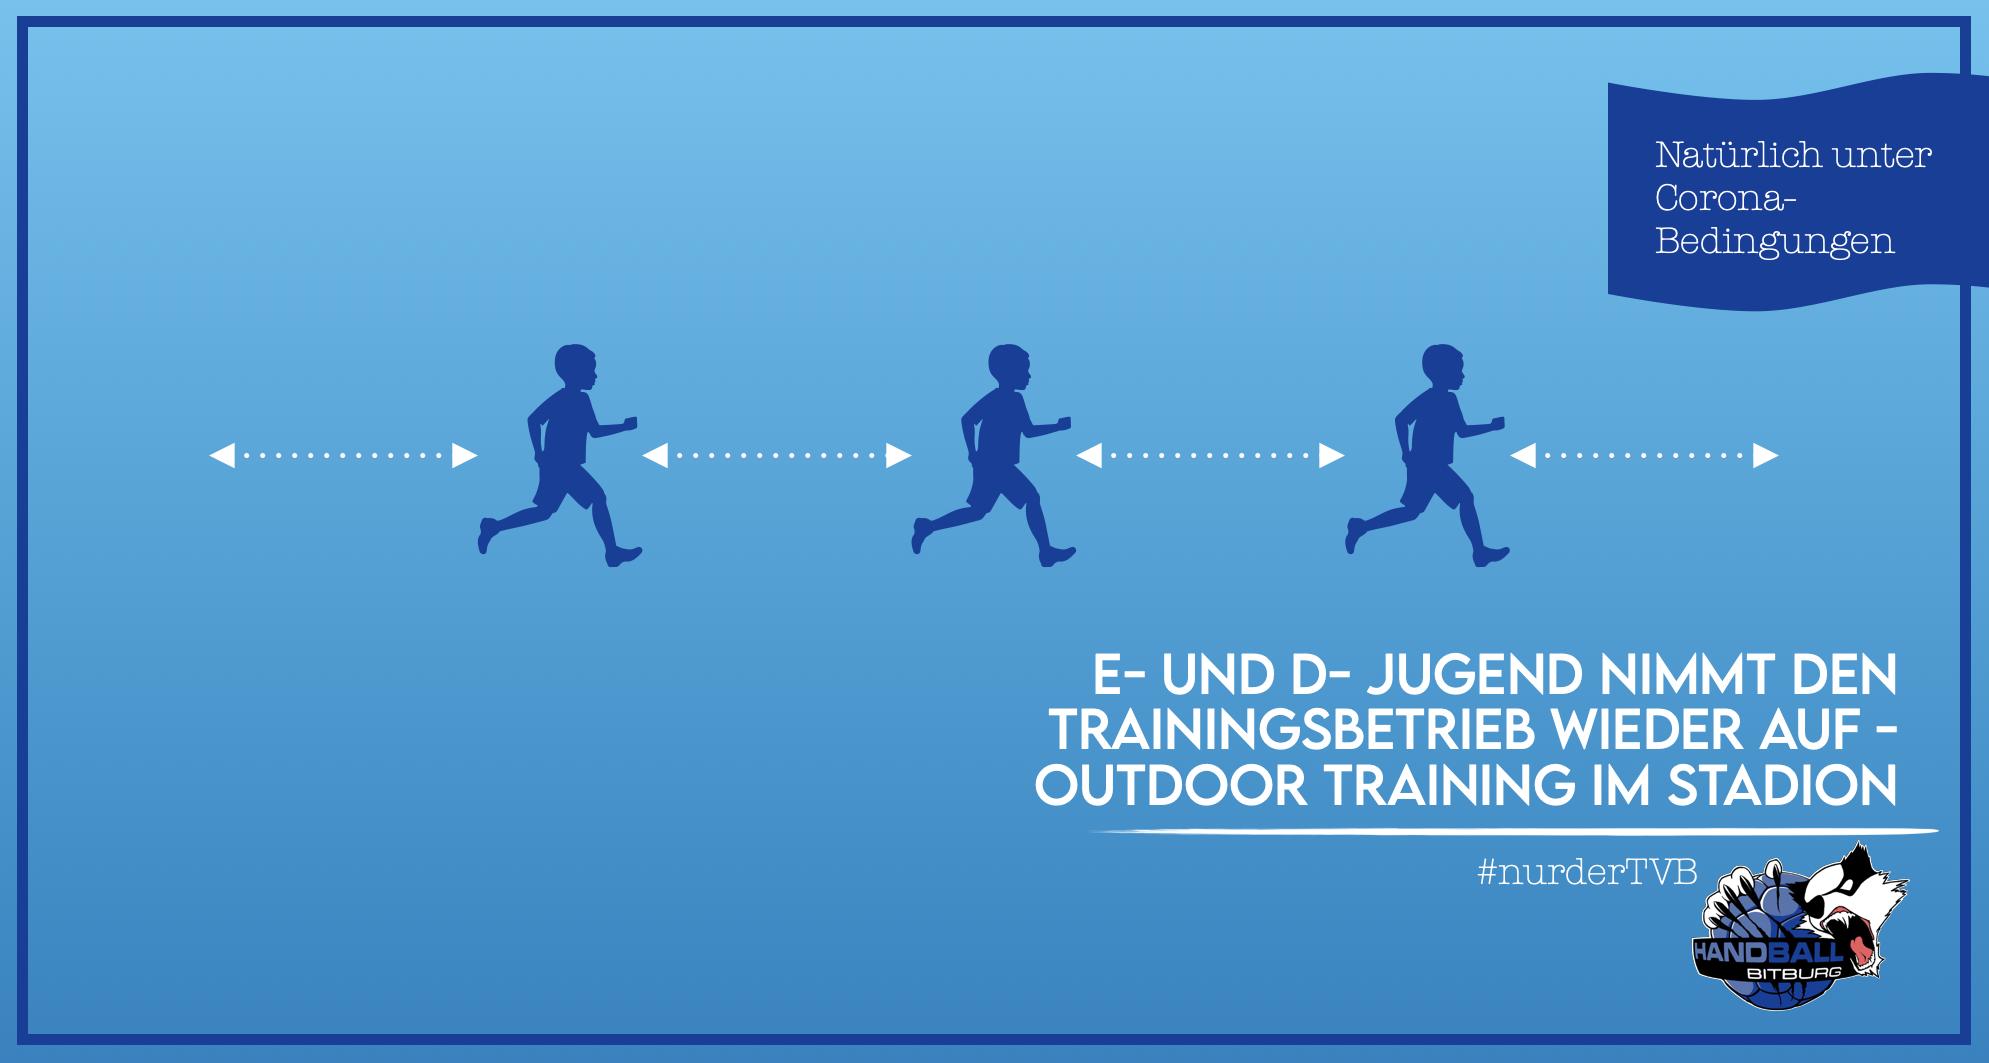 E- und D-Jugend nimmt den Trainingsbetrieb wieder auf